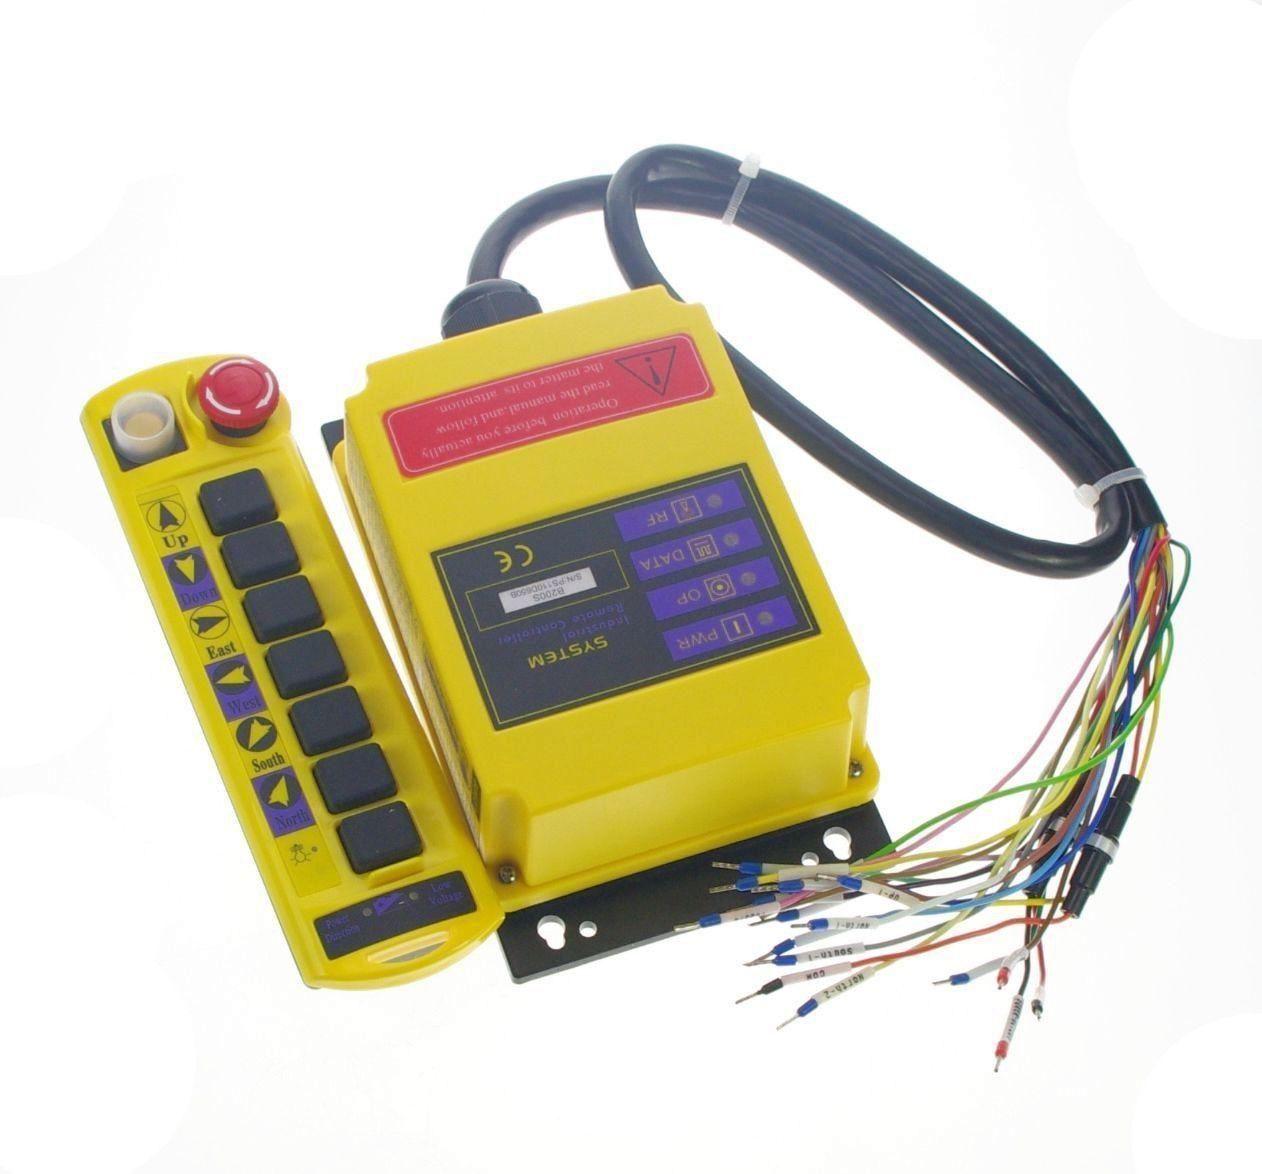 2 Speed Control Hoist Crane Radio Remote Control System Controller CE 12V AC/DC, 24V AC/DC, 110VAC, 220VAC, 380VAC, 415VAC